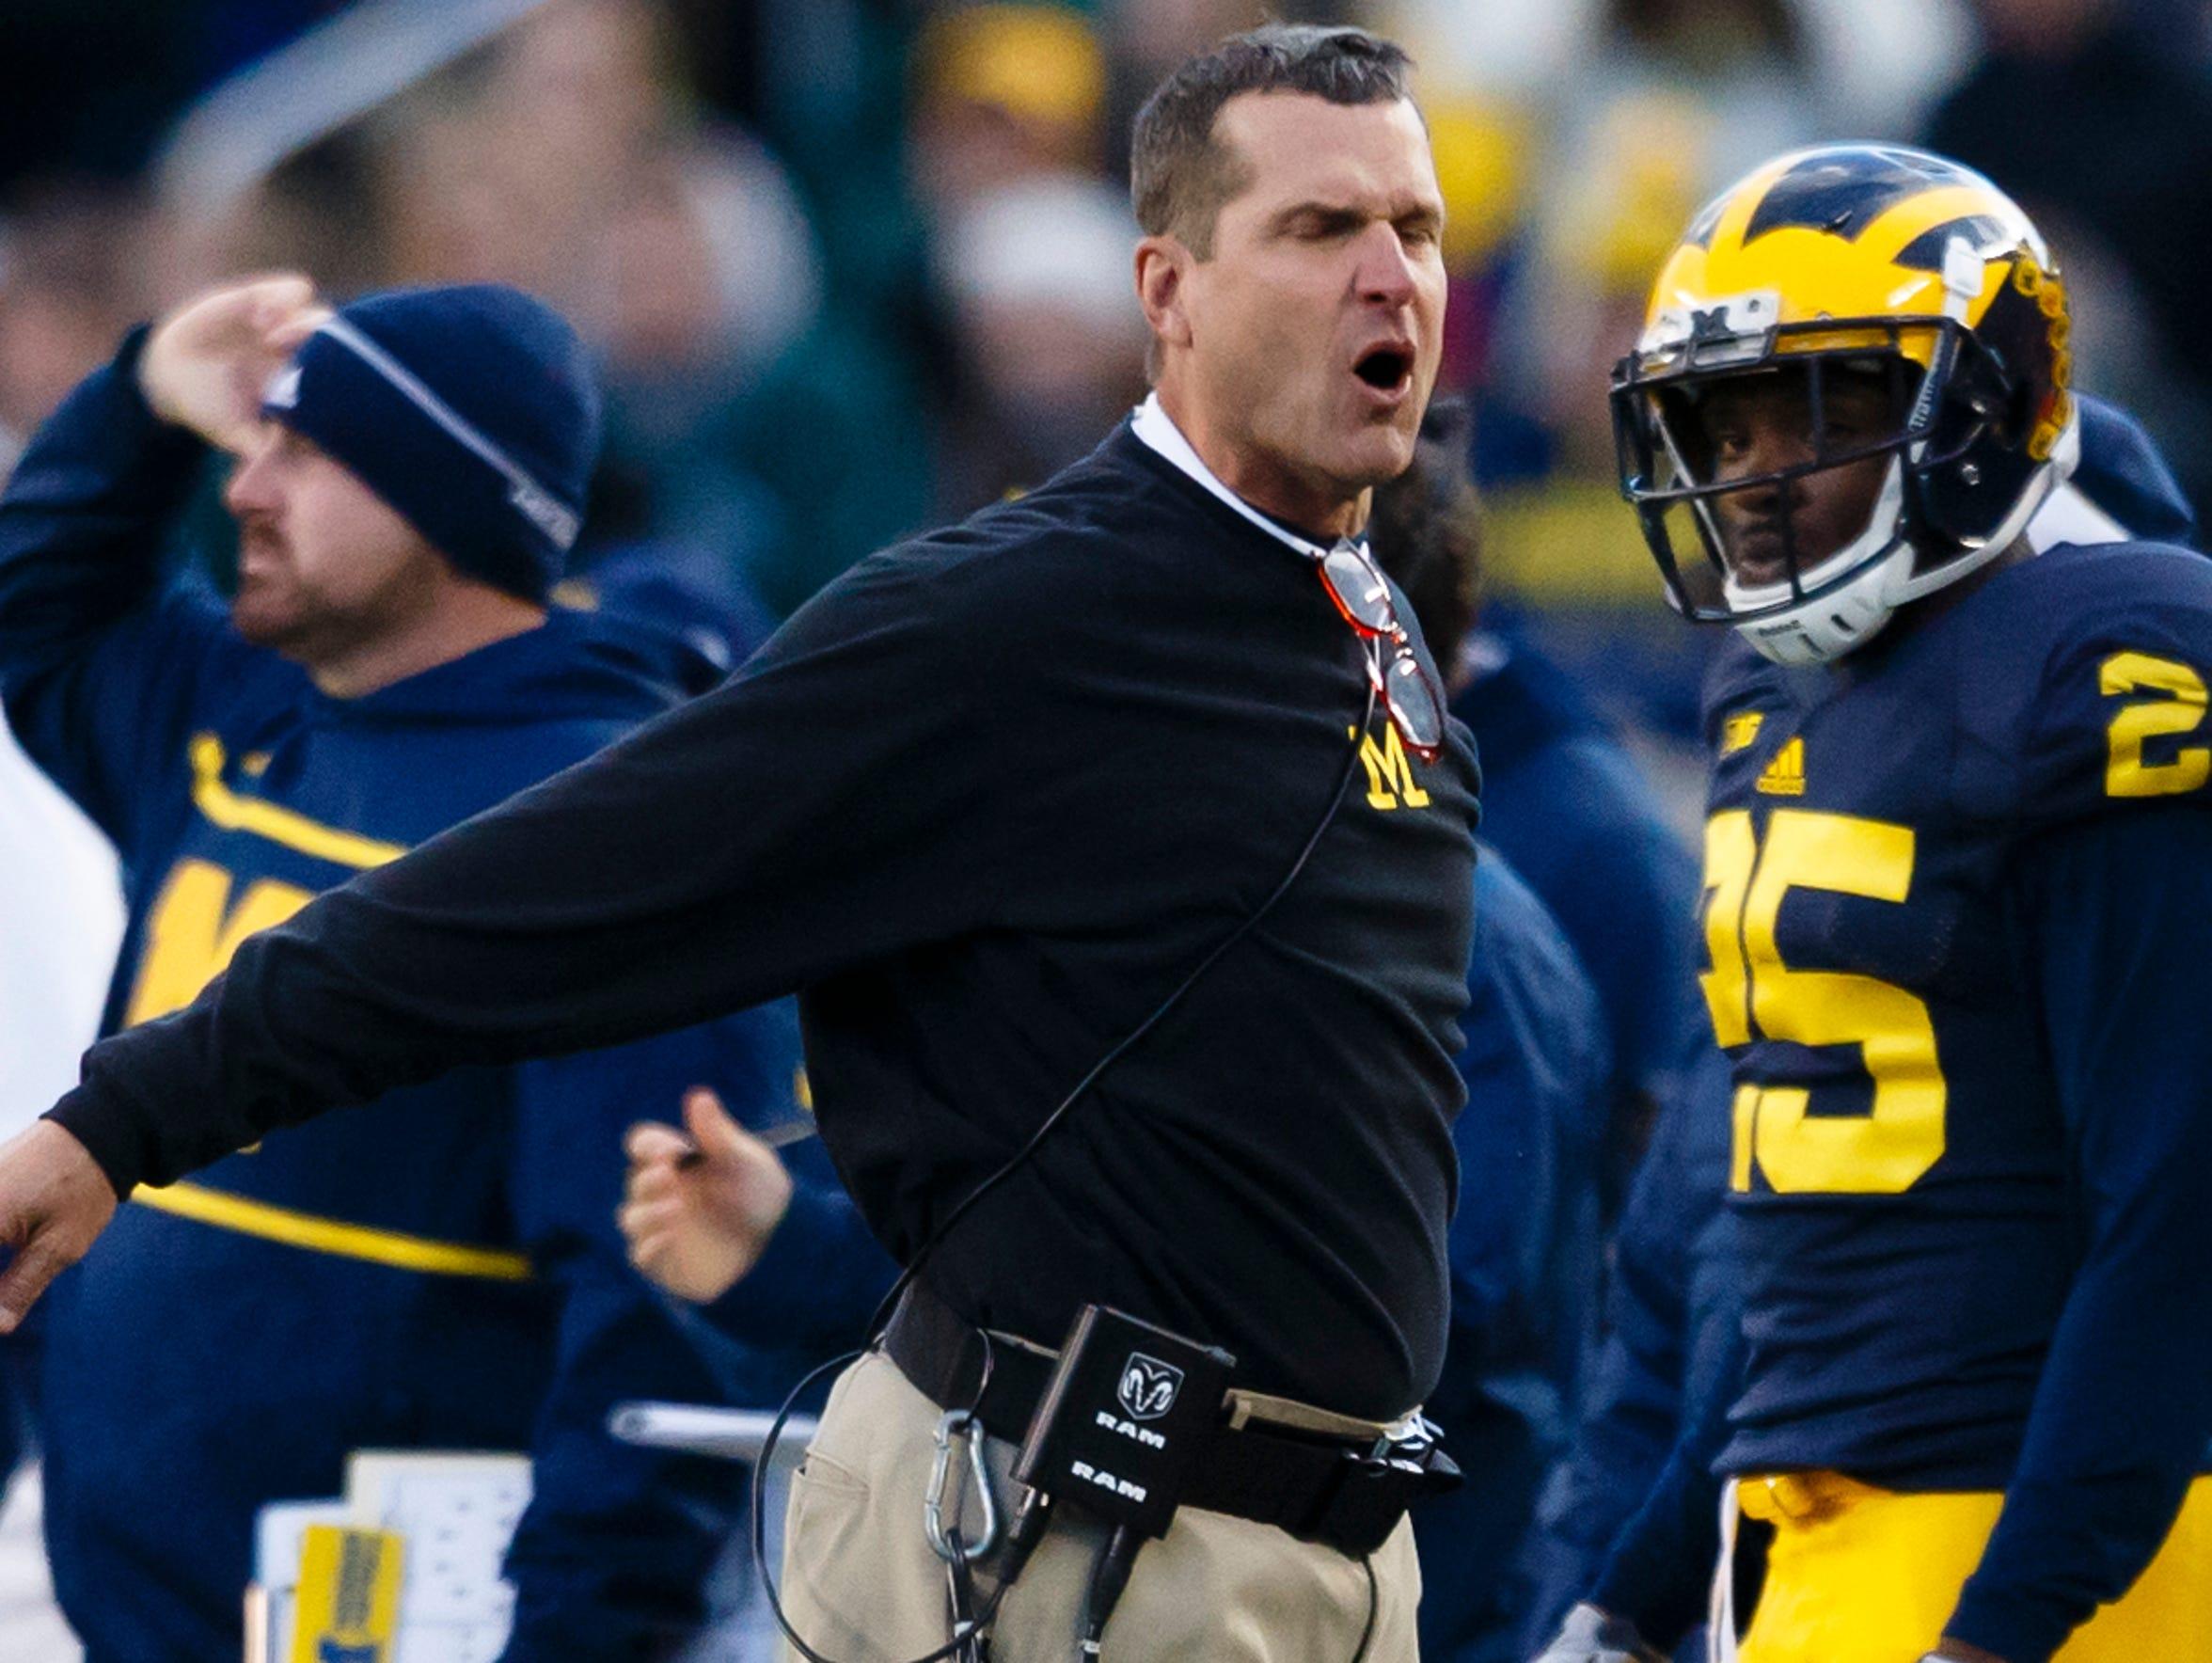 Michigan coach and alum Jim Harbaugh inherited a 5-7